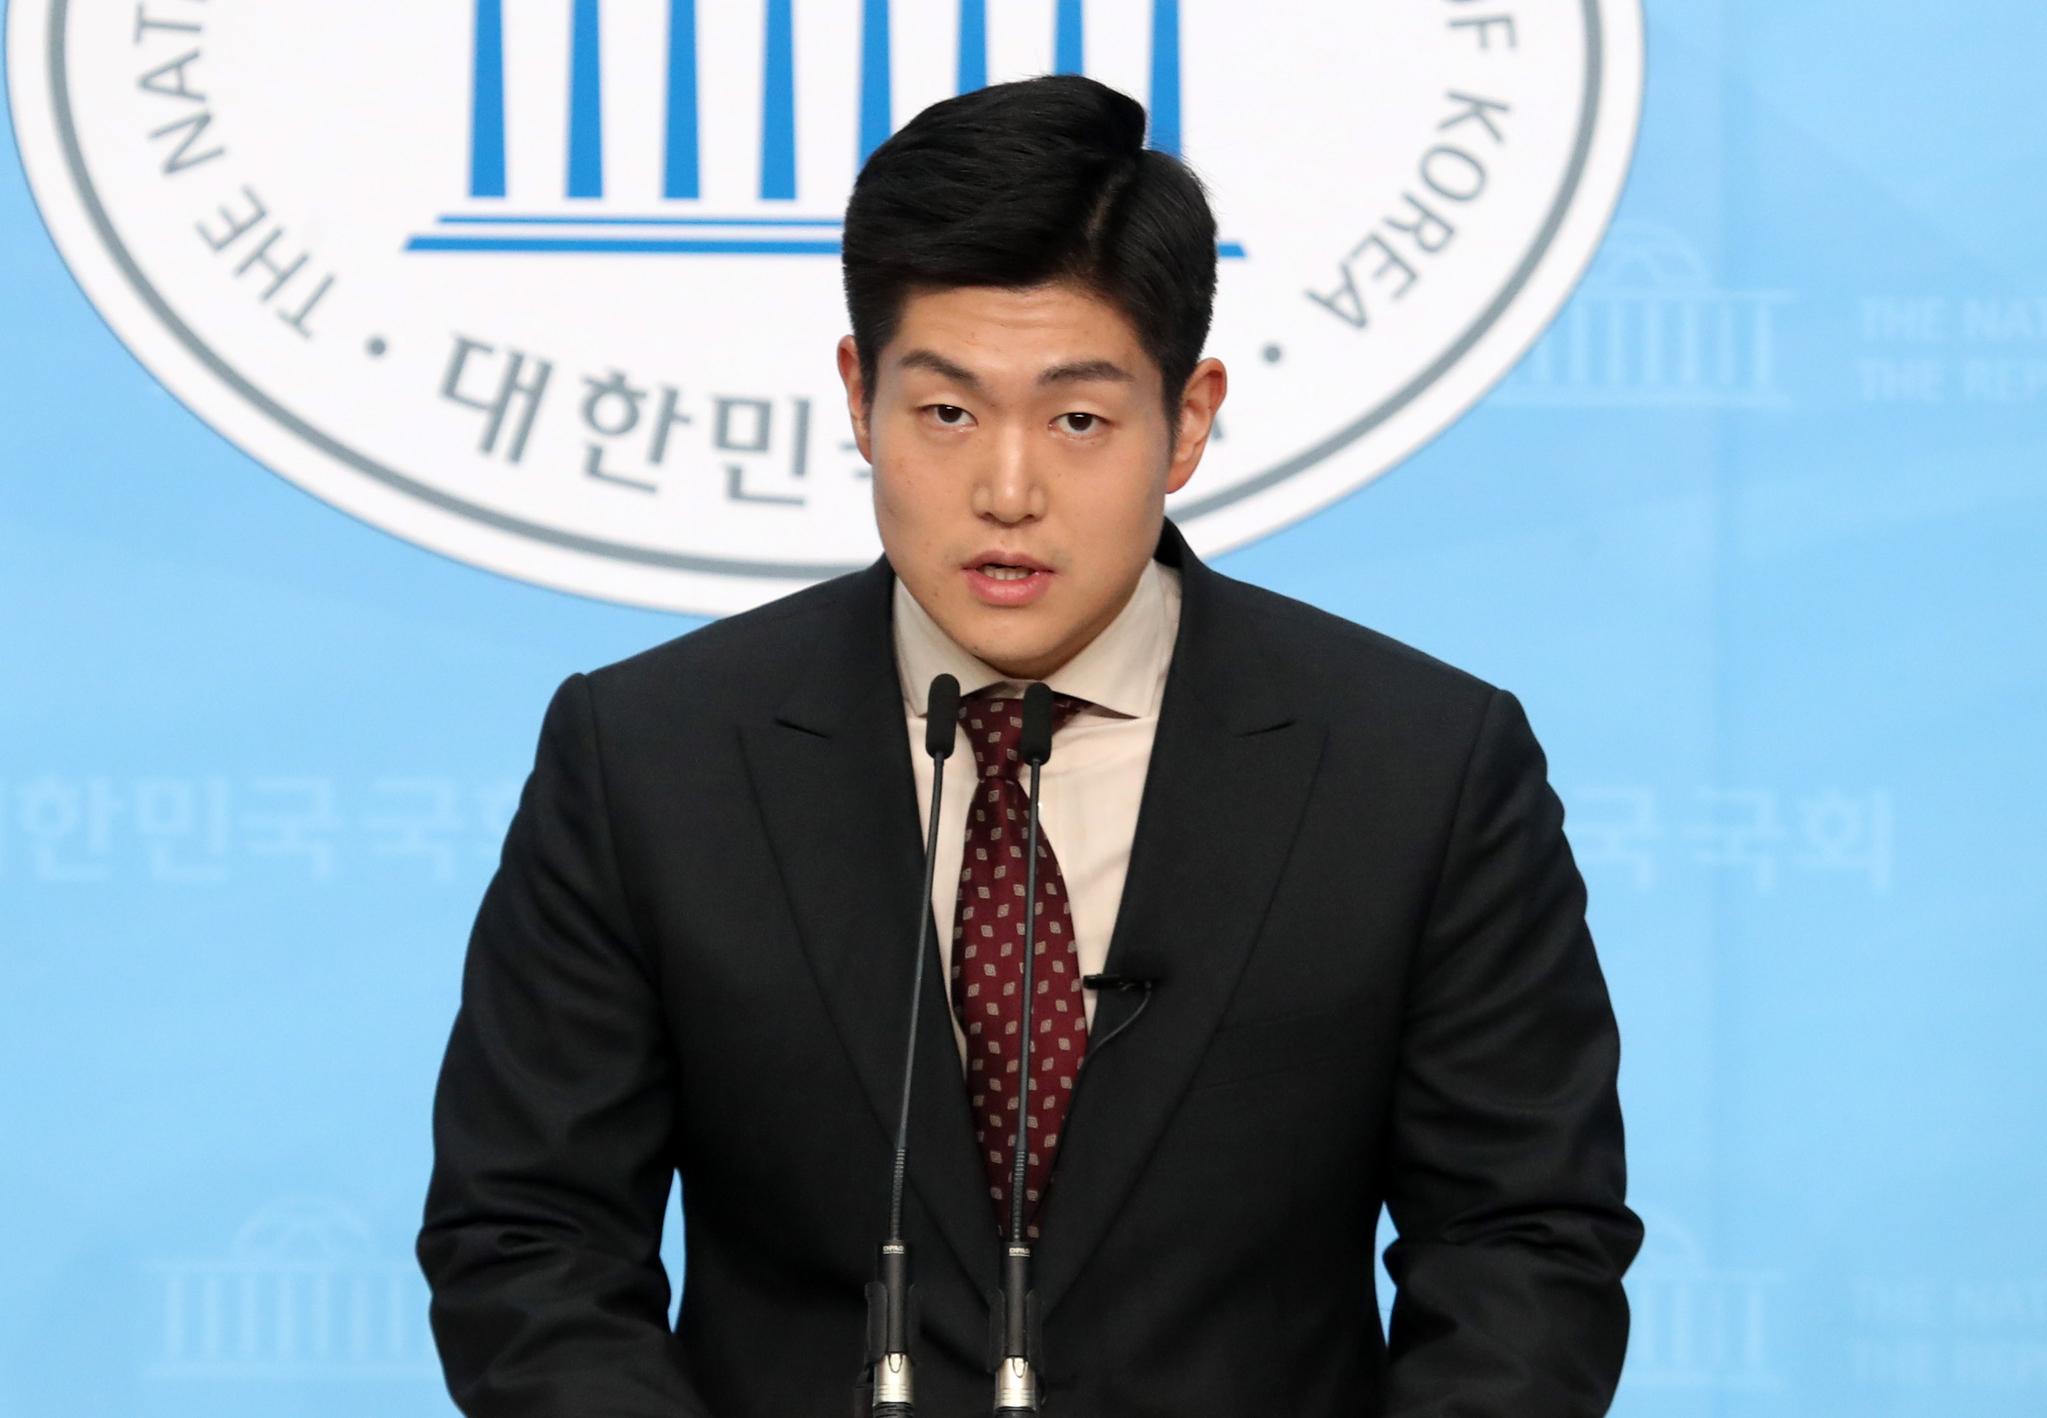 김재섭 국민의힘 비상대책위원. 뉴스1